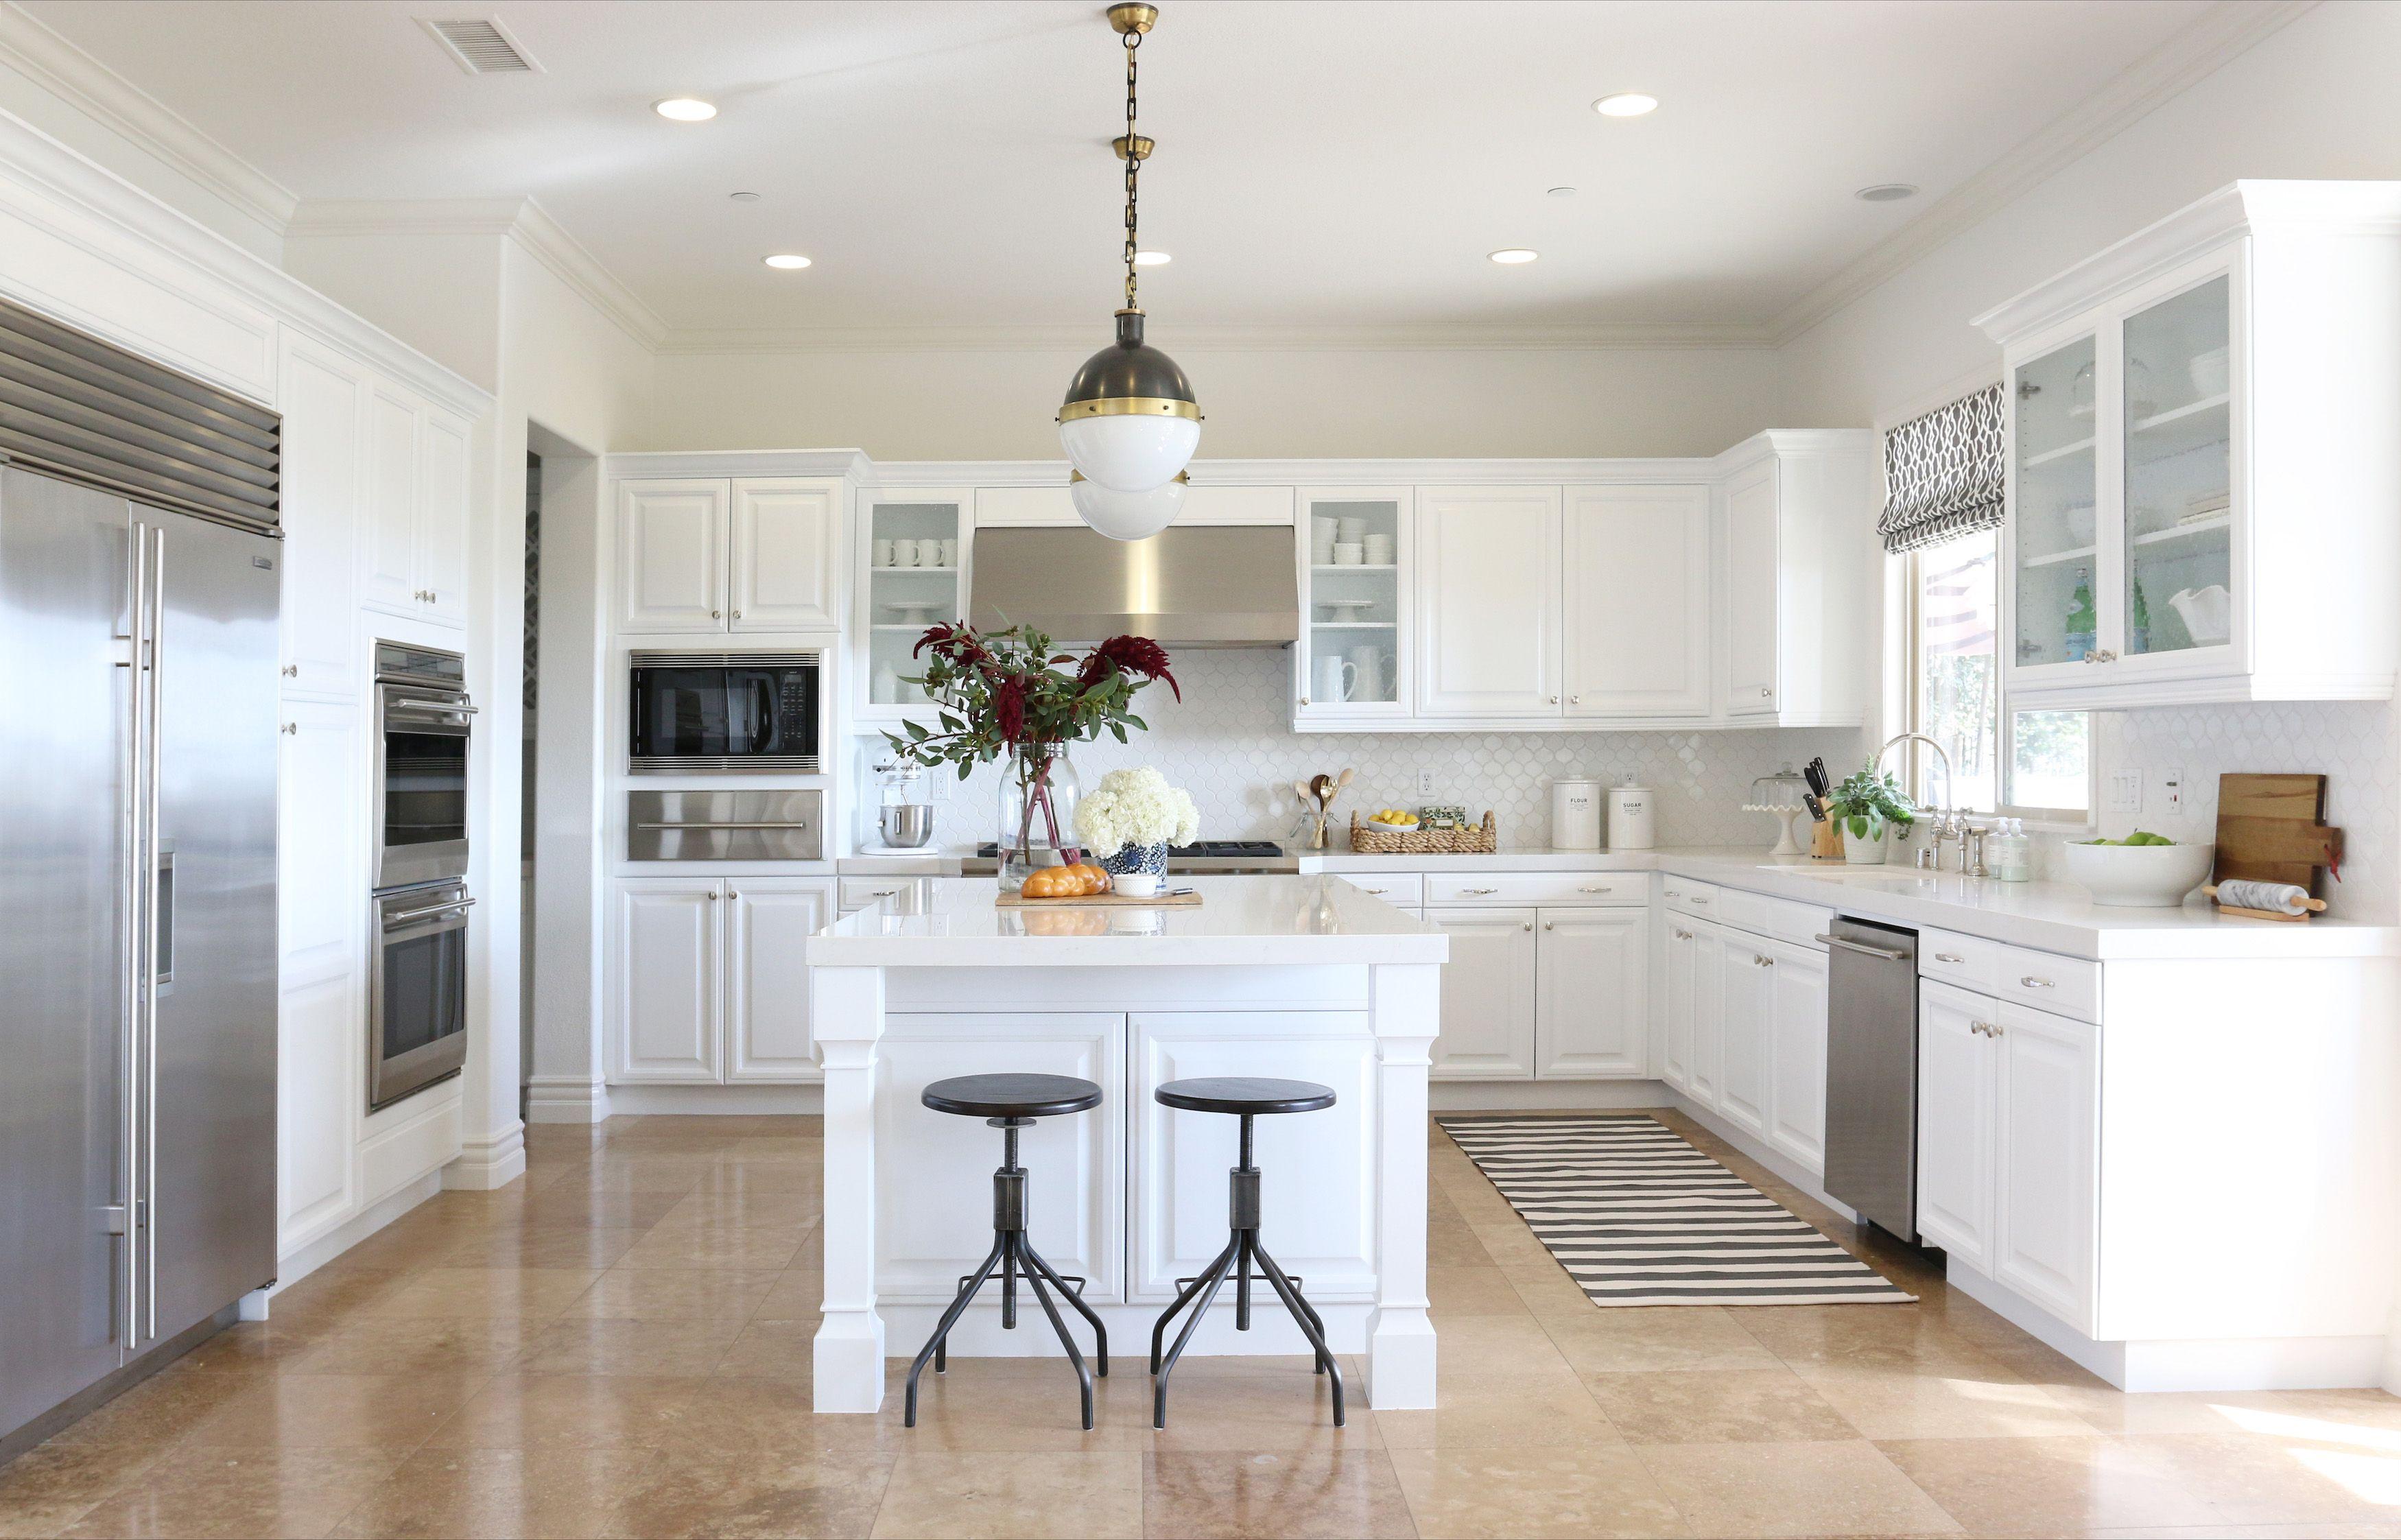 modern kitchen ideas white cabinets white kitchen designs Modern Kitchen Ideas White Cabinets